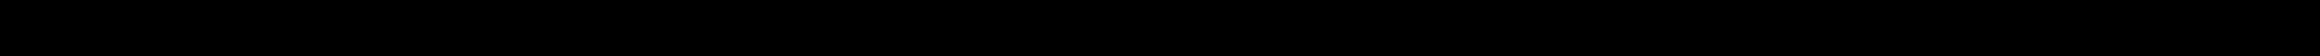 VAN WEZEL 6Q0825237P, 6R0825235, 6R0825235B, 6R0825235E, 6R0825237B Zvocna izolacija prostora motorja